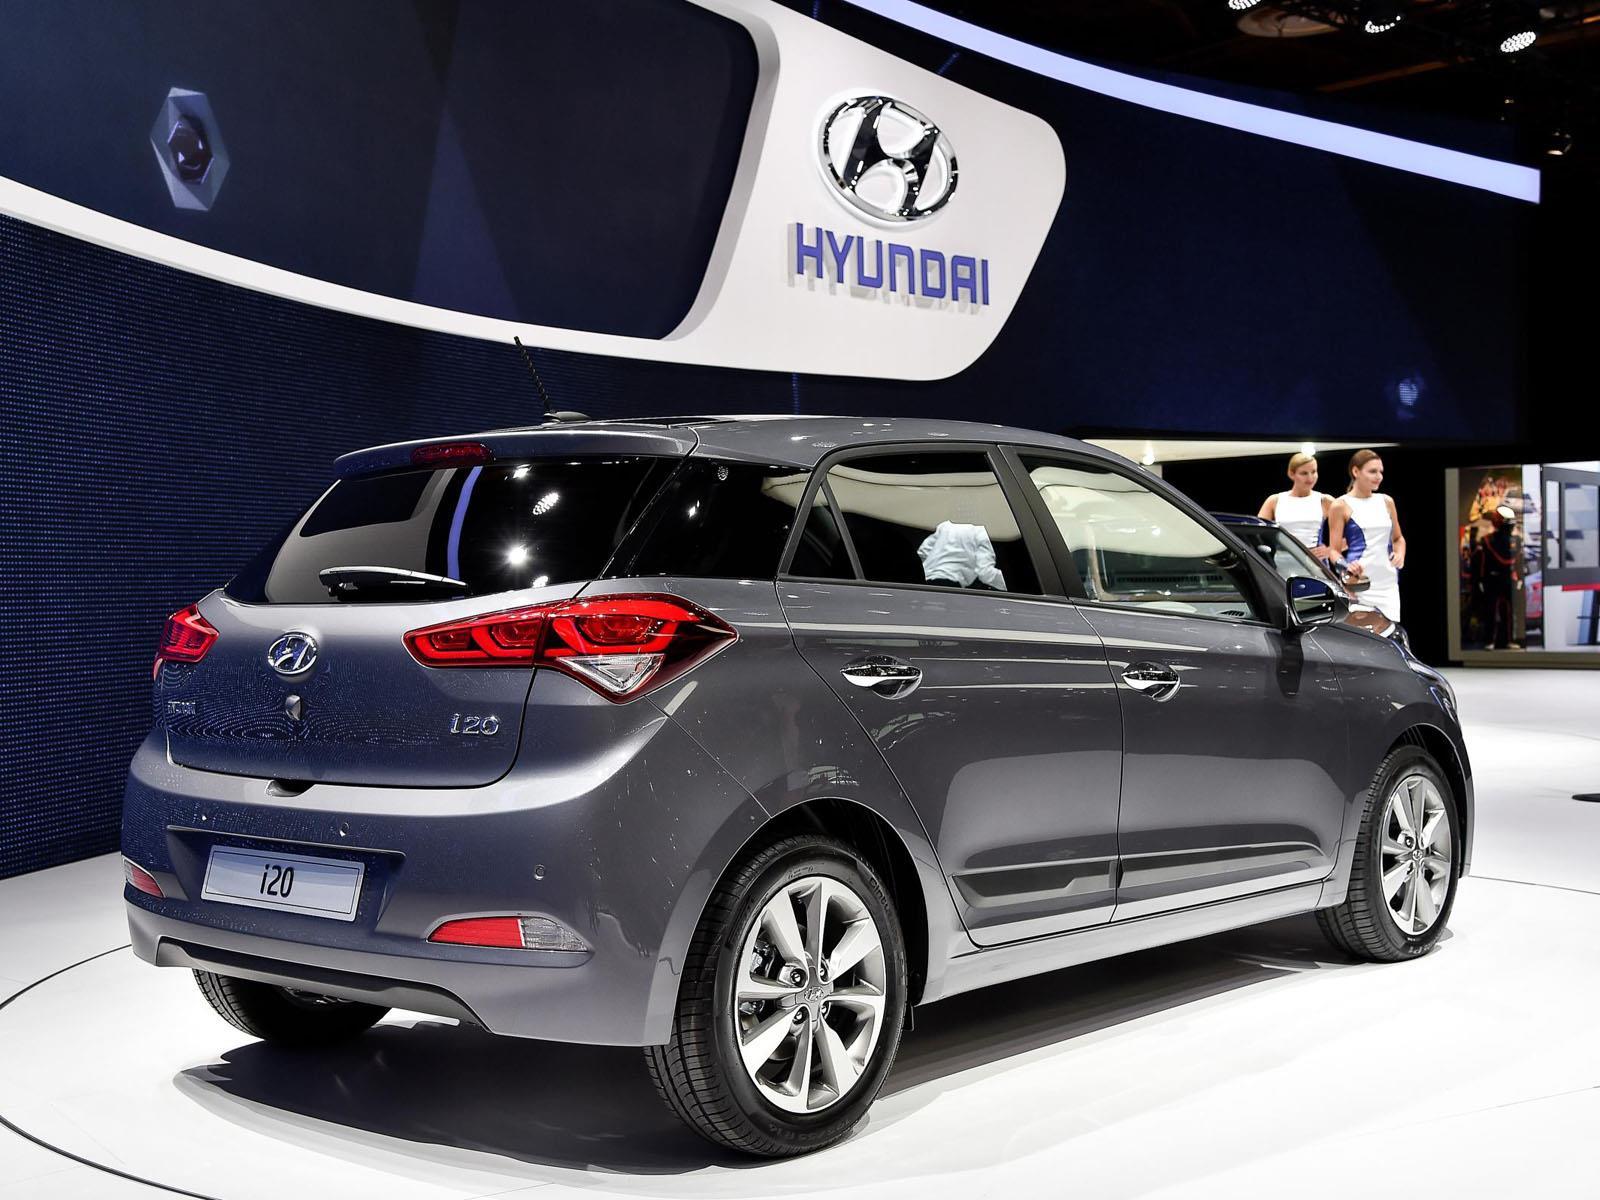 Sal n de par s 2014 el hyundai i20 se muestra en el for Garage hyundai paris 18